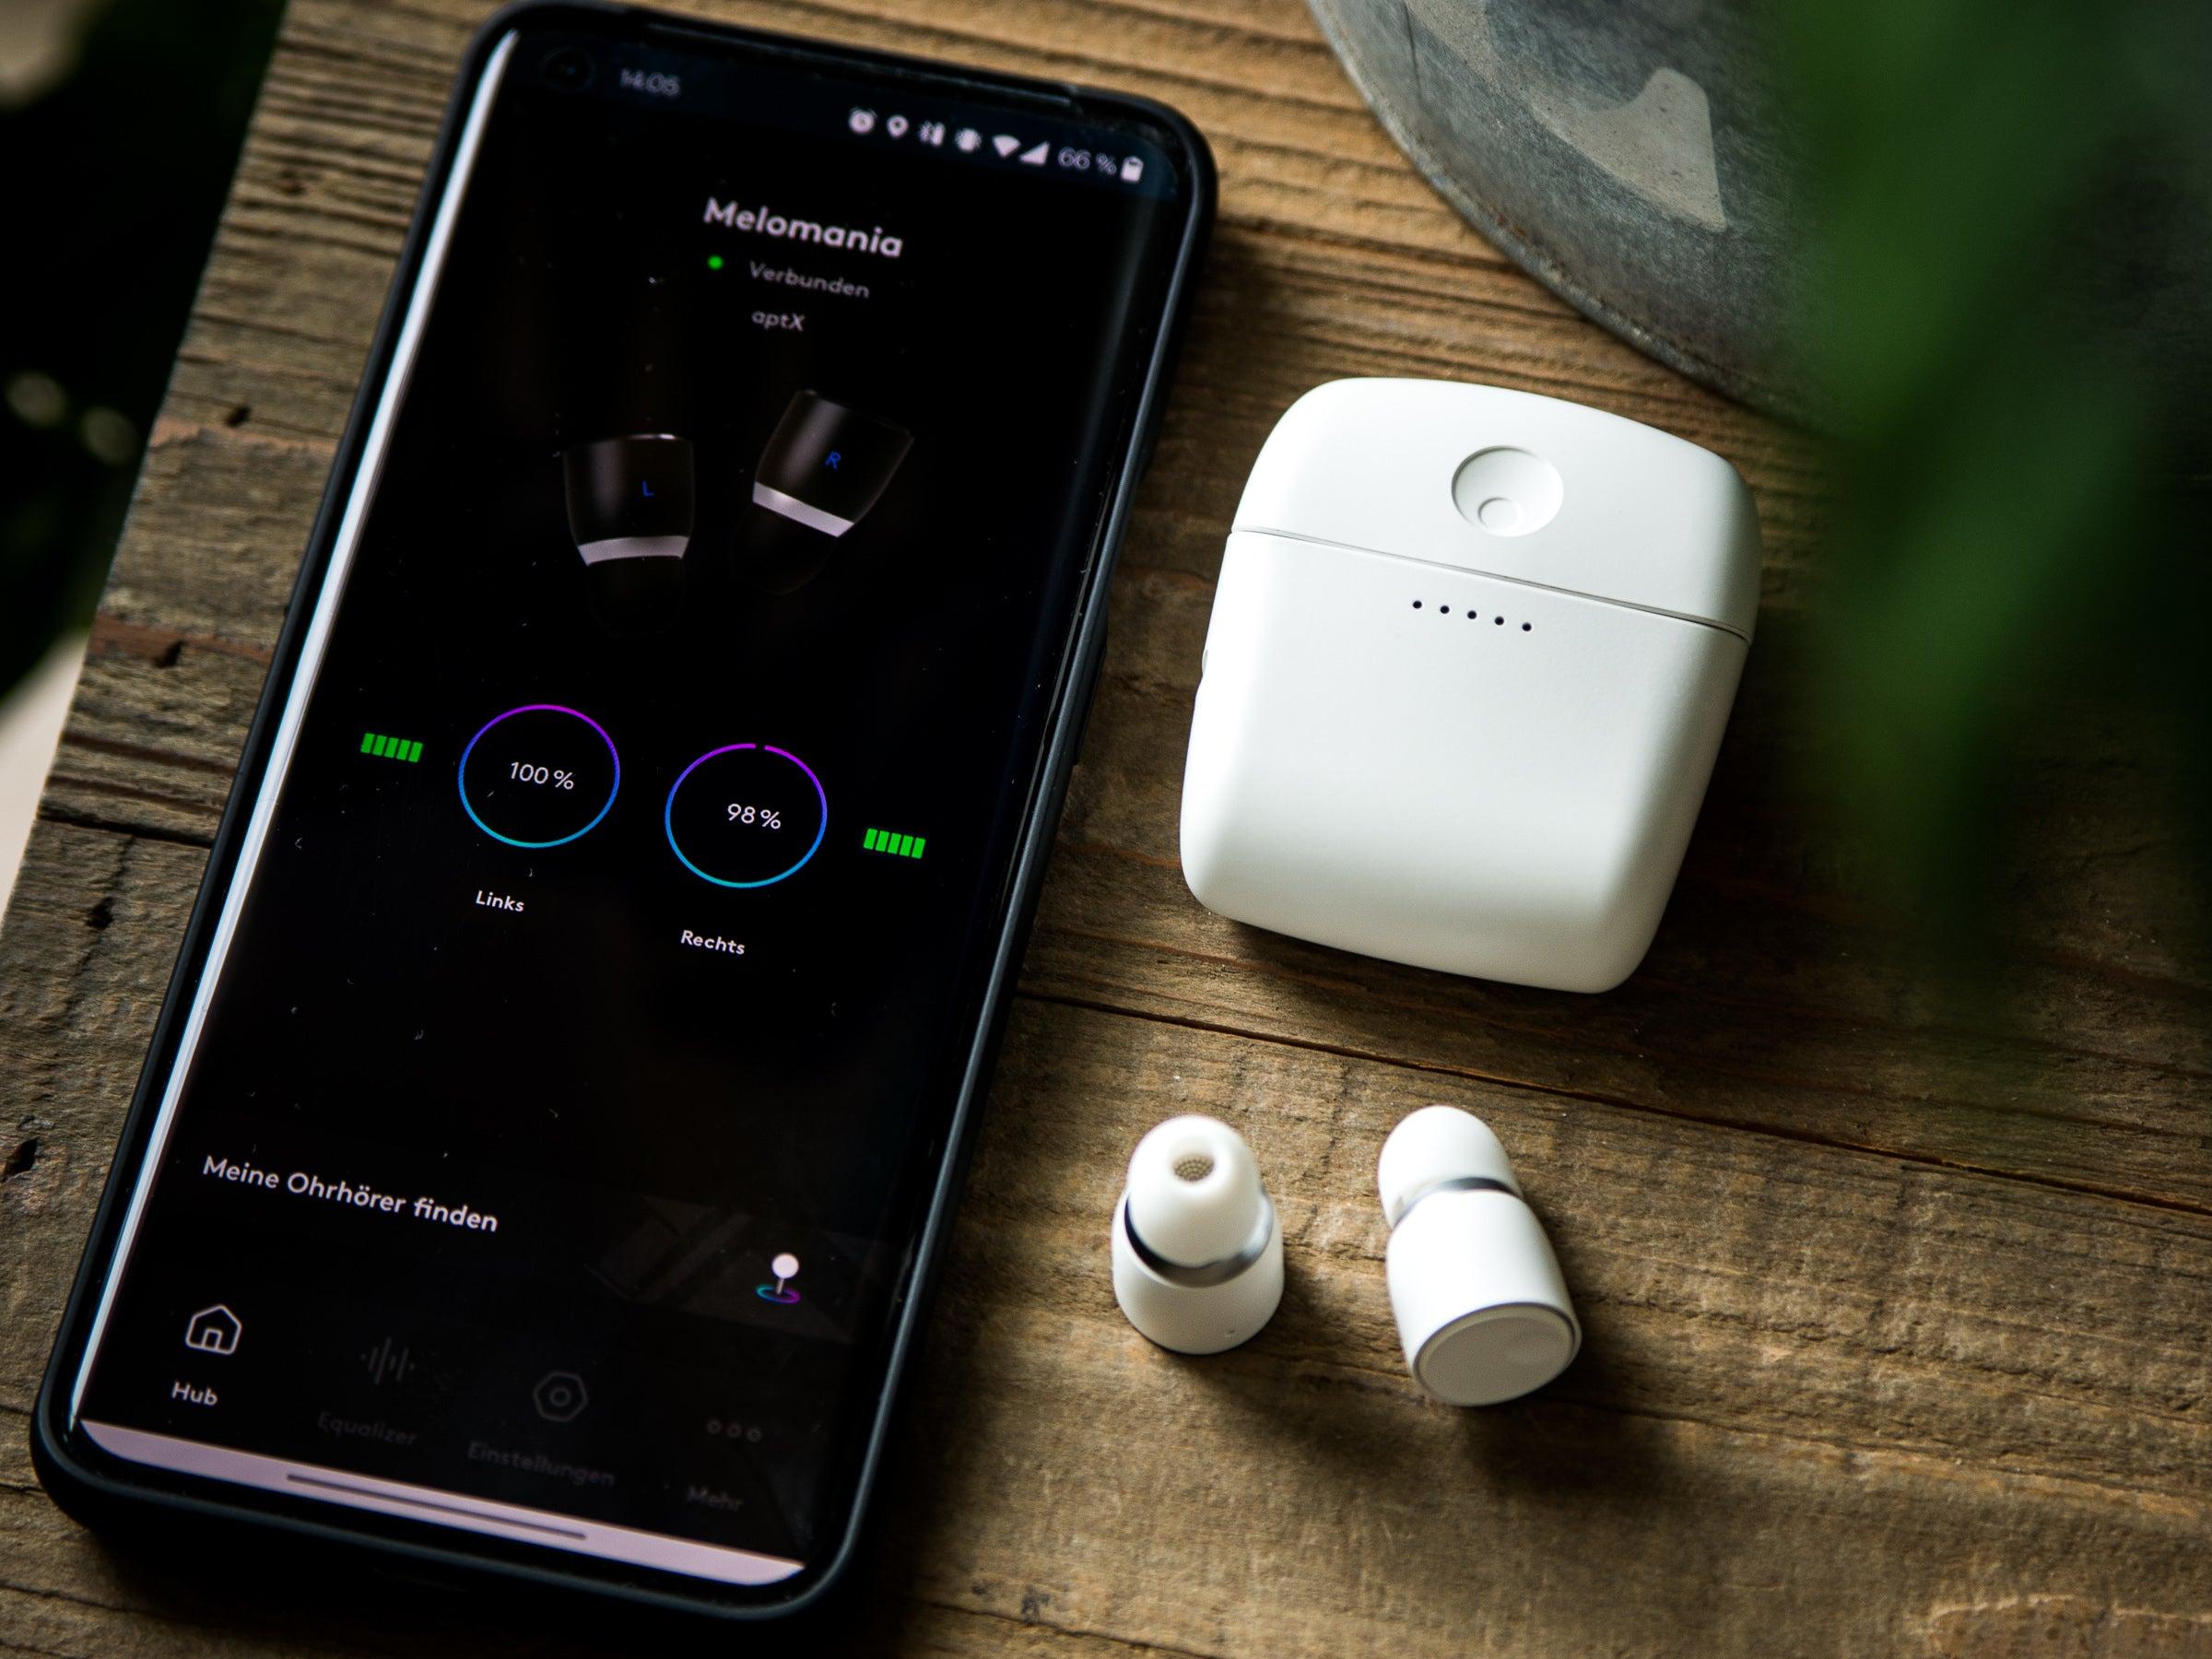 Die Kopfhörer lassen sich mit der dazugehörigen Melomania-App suchen und aktualisieren.